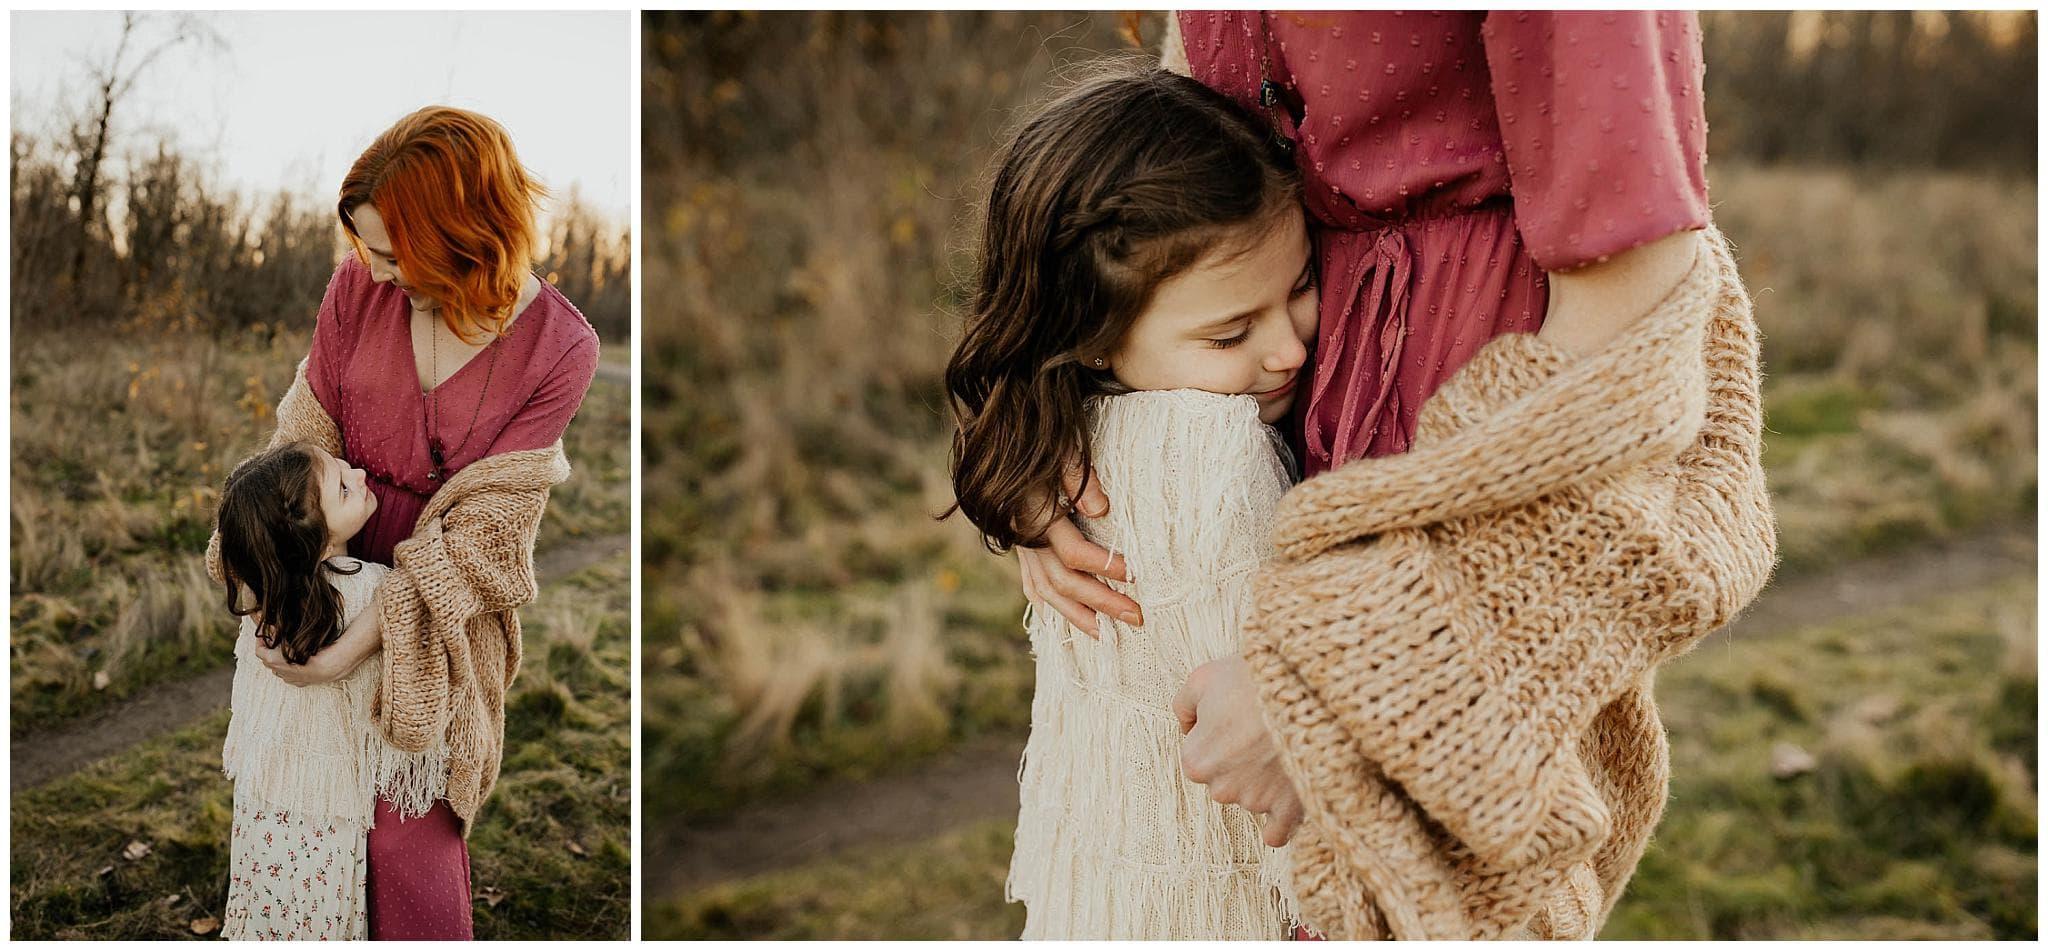 Little girl fiercely cuddling her mom